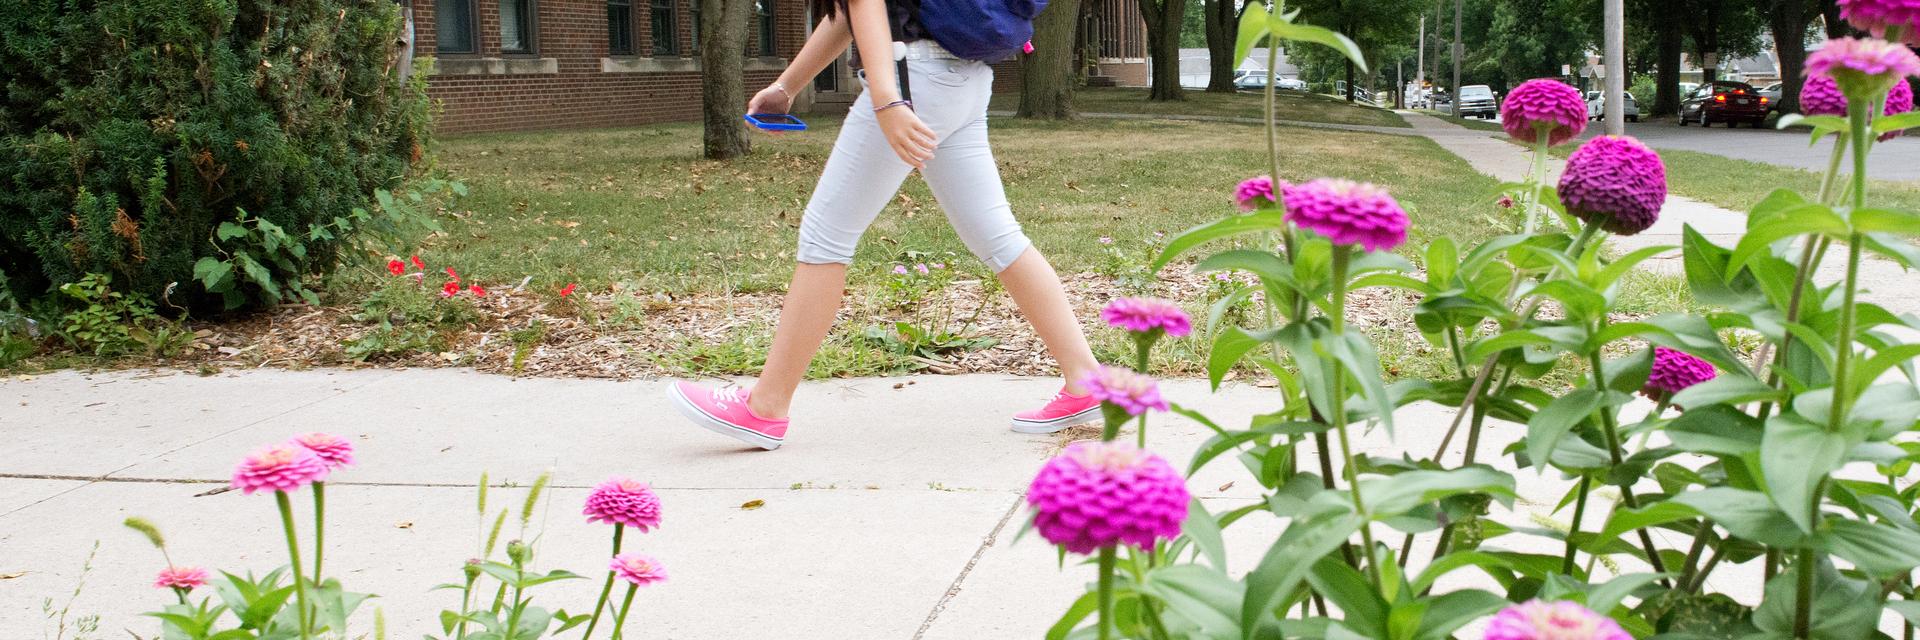 Unidentified student walks up school walkway.